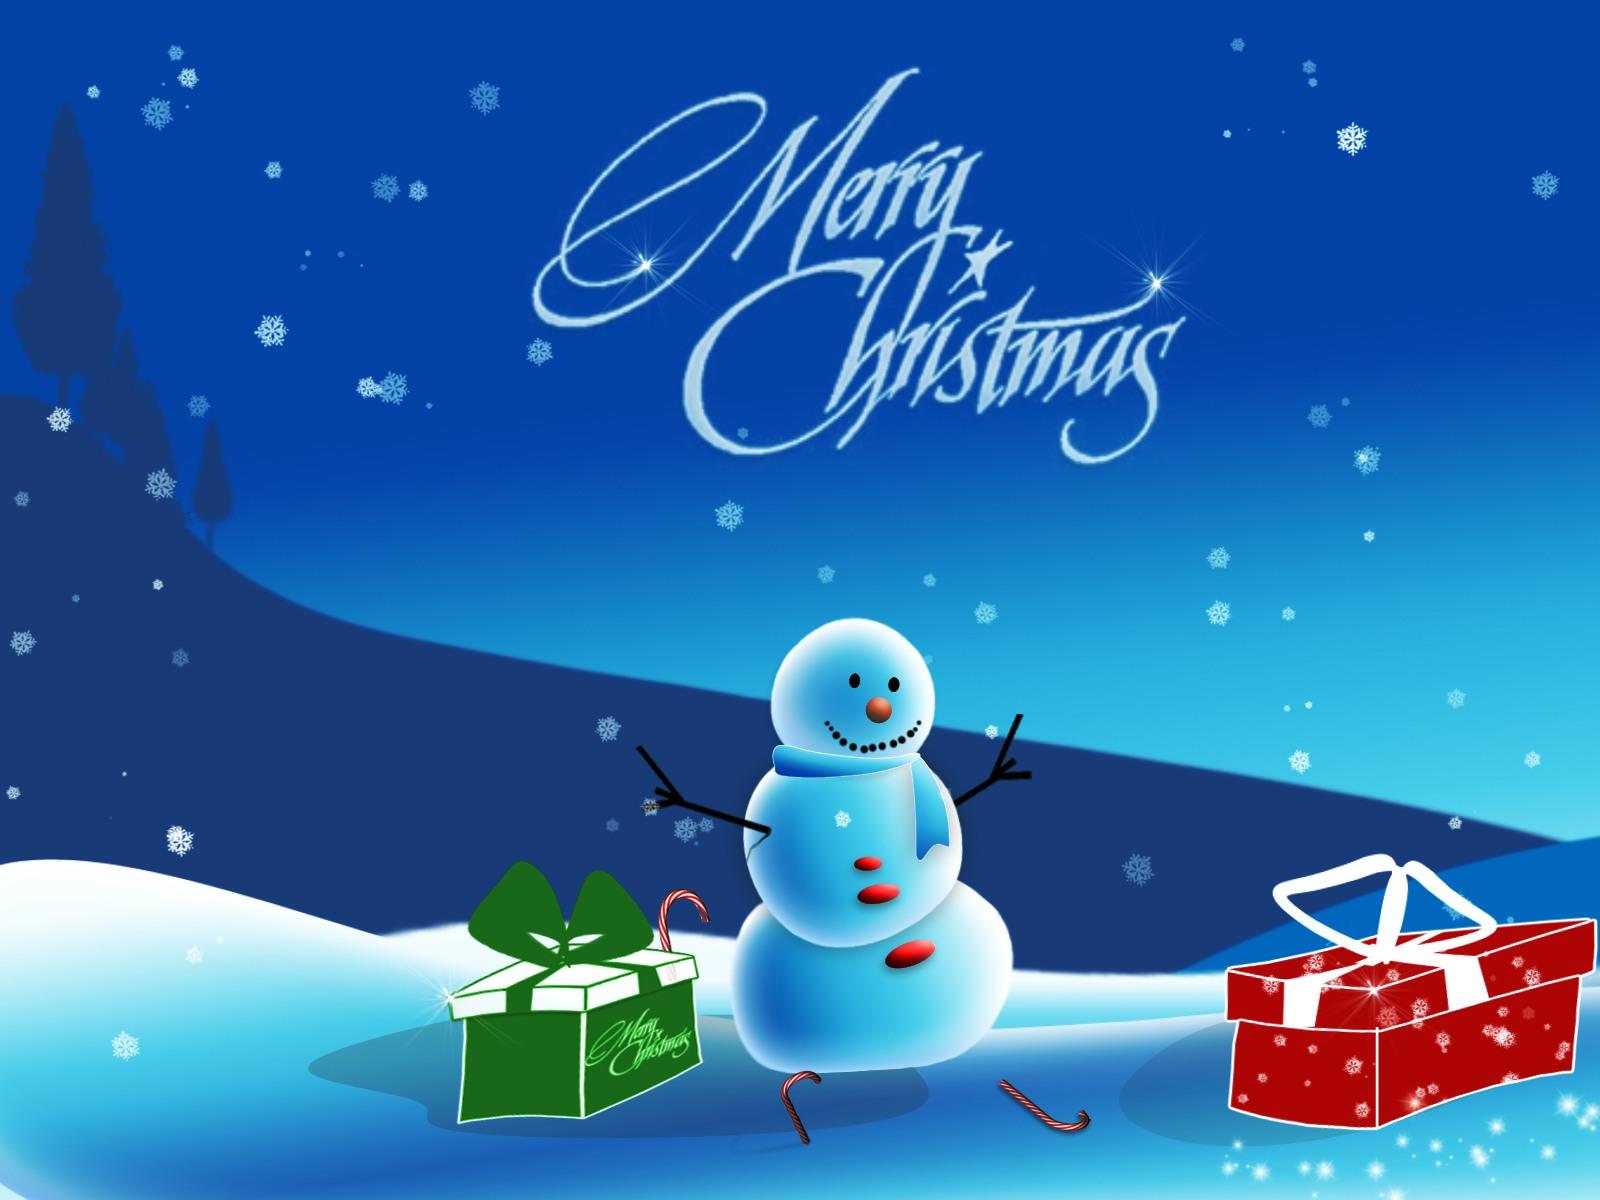 Los Fondos De Pantalla Animados Deportes Para Android: Fondos Animados Navidad Para Pc